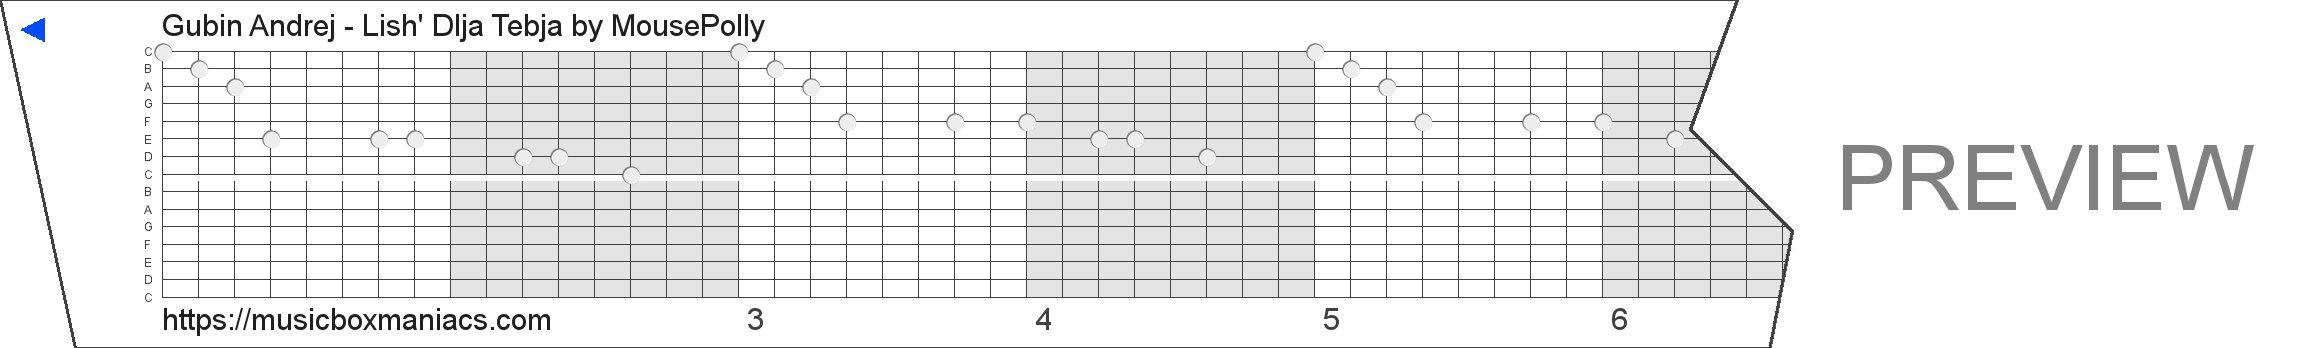 Gubin Andrej - Lish' Dlja Tebja 15 note music box paper strip